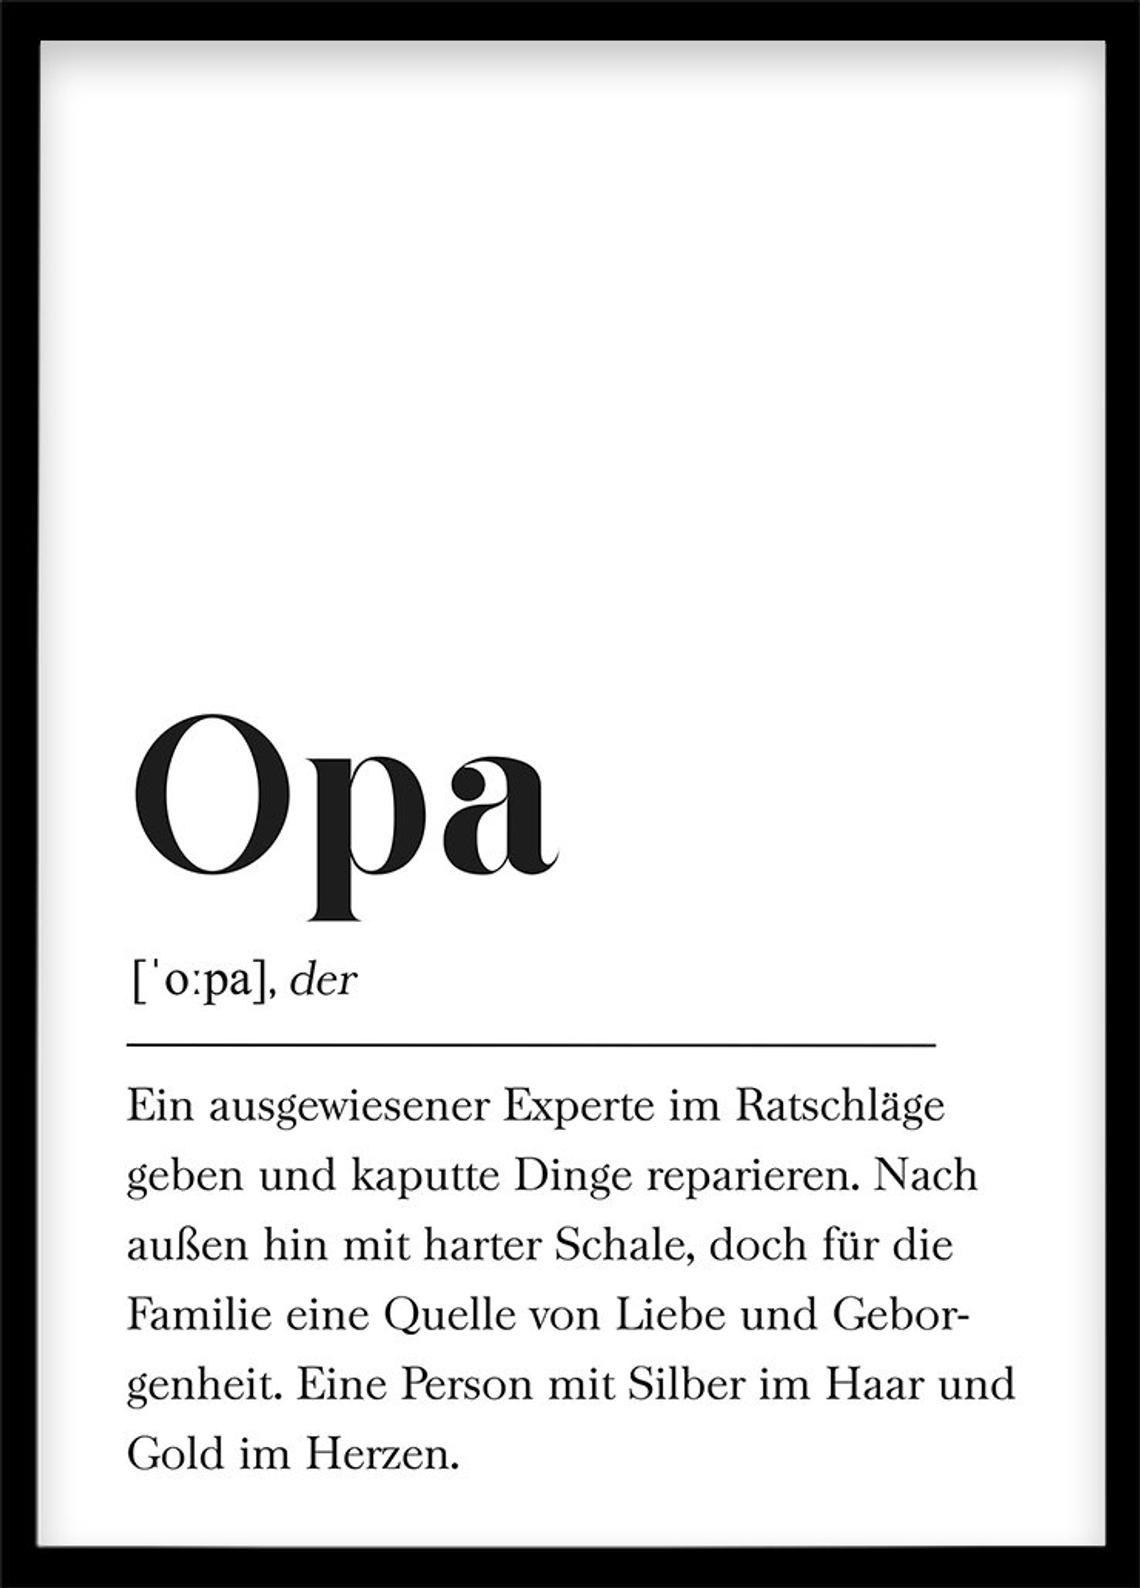 Opa Definition, Geschenk für Großvater,  Geburtstag für Großeltern Poster mit Text, Skandinavisch Schwarz Weiß #persönlichegeschenke